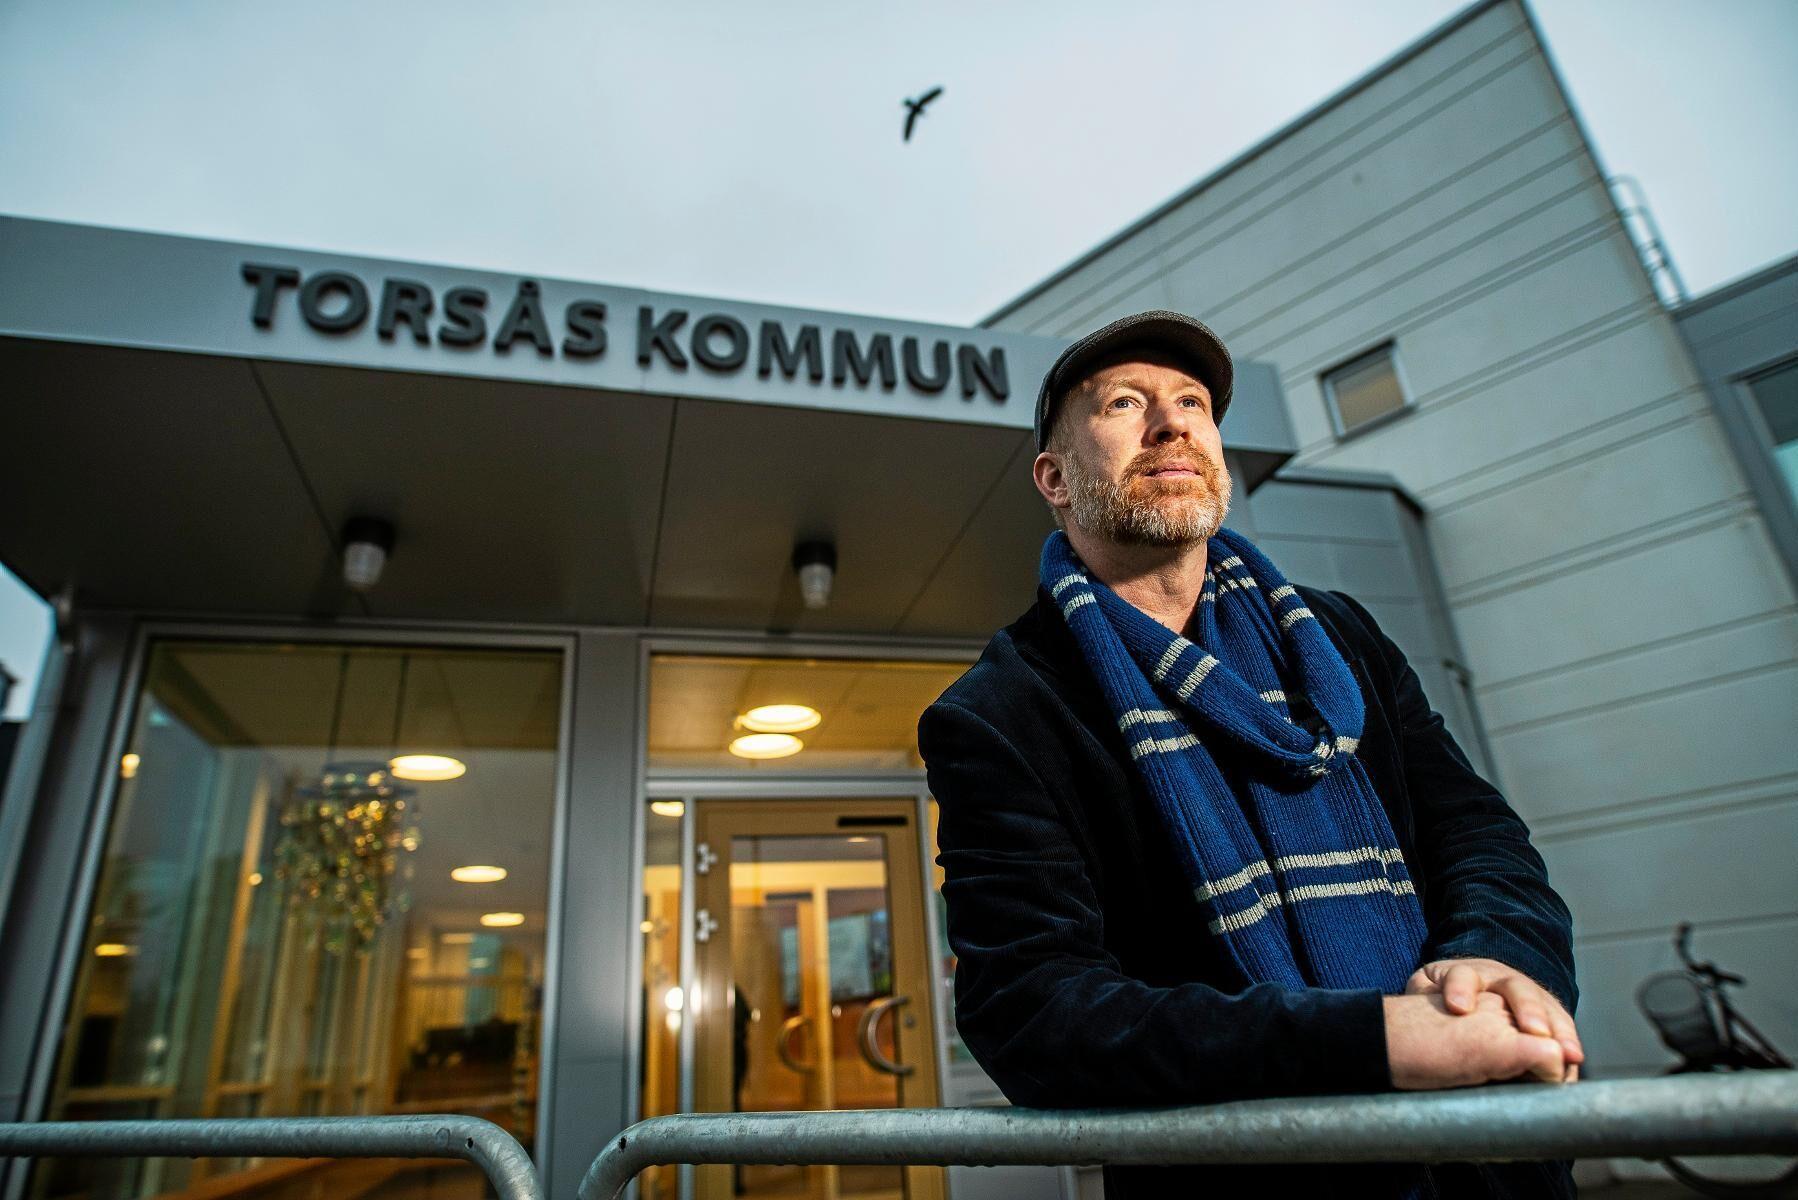 """""""Jag tror absolut att vi kunde ha haft en större inflyttning. Många vill bo på landsbygden, men förväntar sig också tillgång till internet då"""", säger Henrik Nilsson Bokor (S), kommunalråd i Torsås."""